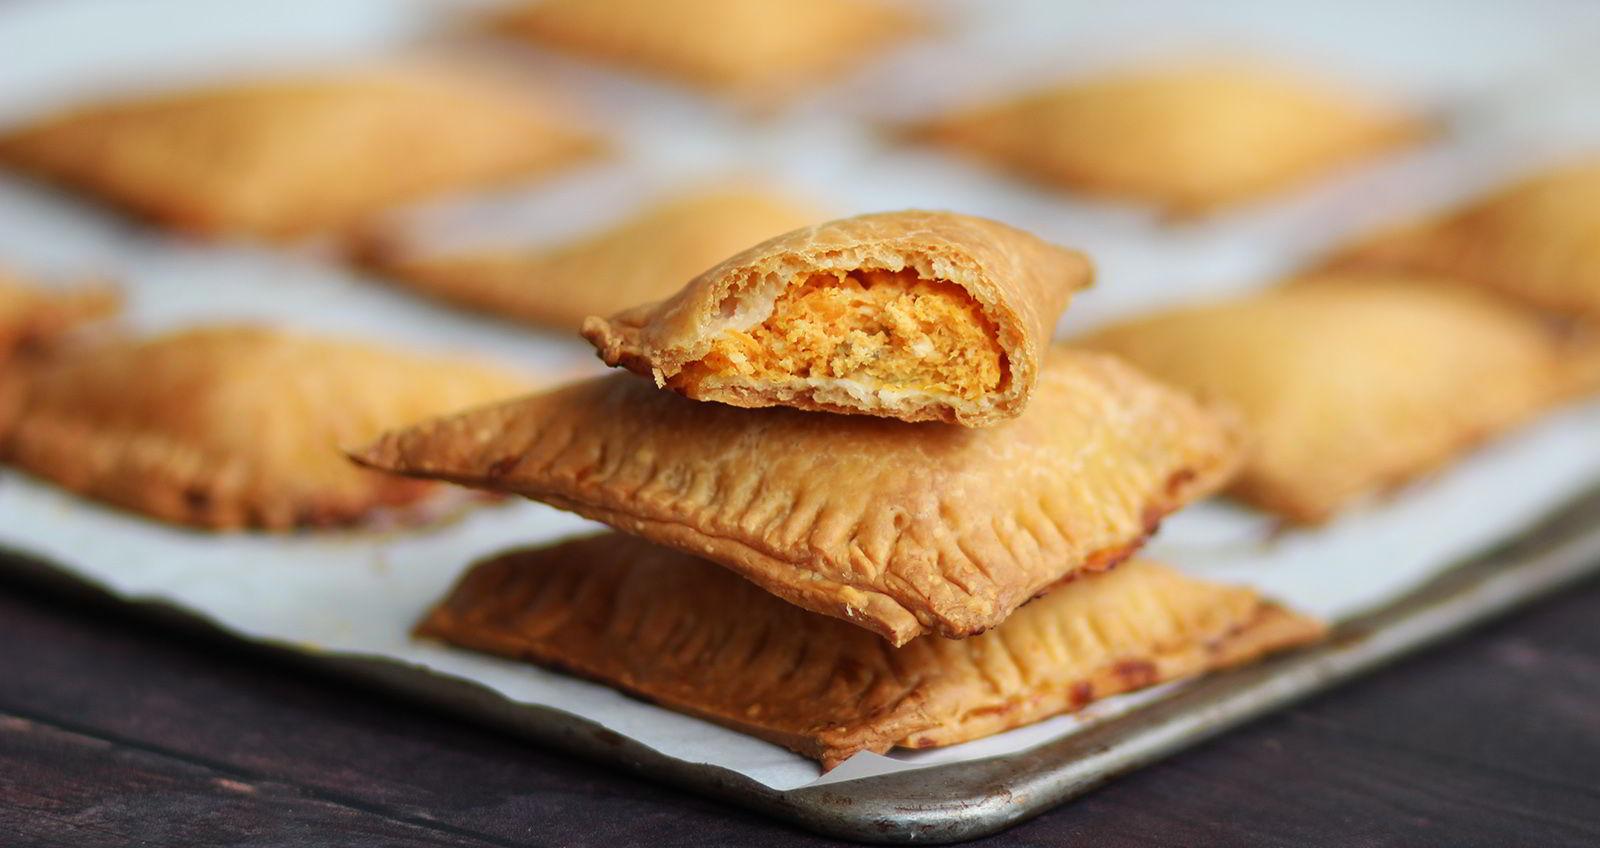 κολοκυθοπιτάκια, φέτα, τυρί, κουρού, συνταγή, γέμιση, recipe, cool artisan, γαβριήλ Νικολαιδης 4